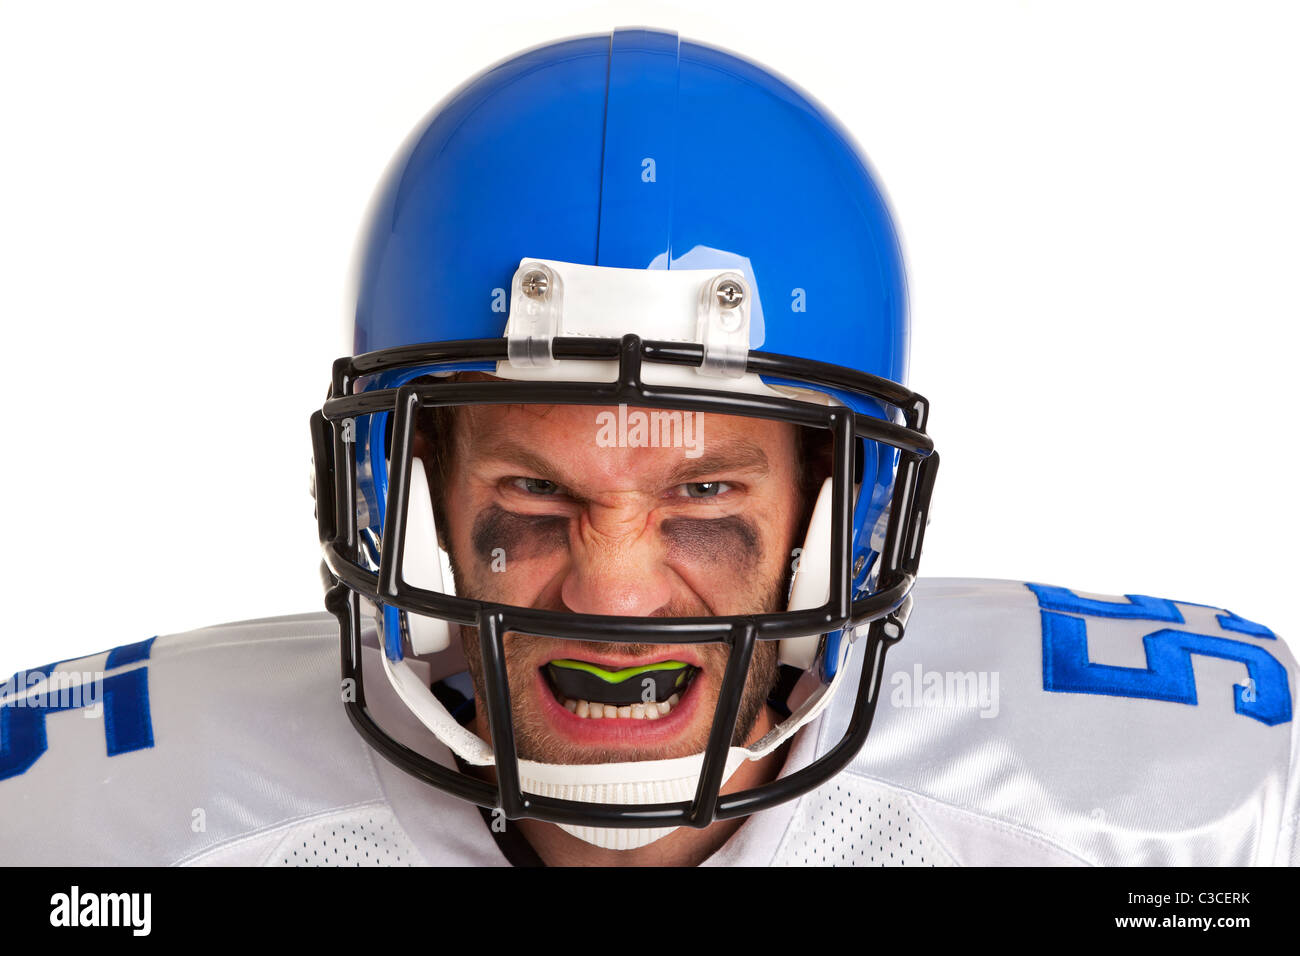 Photo d'un joueur de football américain, découper sur un fond blanc. Photo Stock